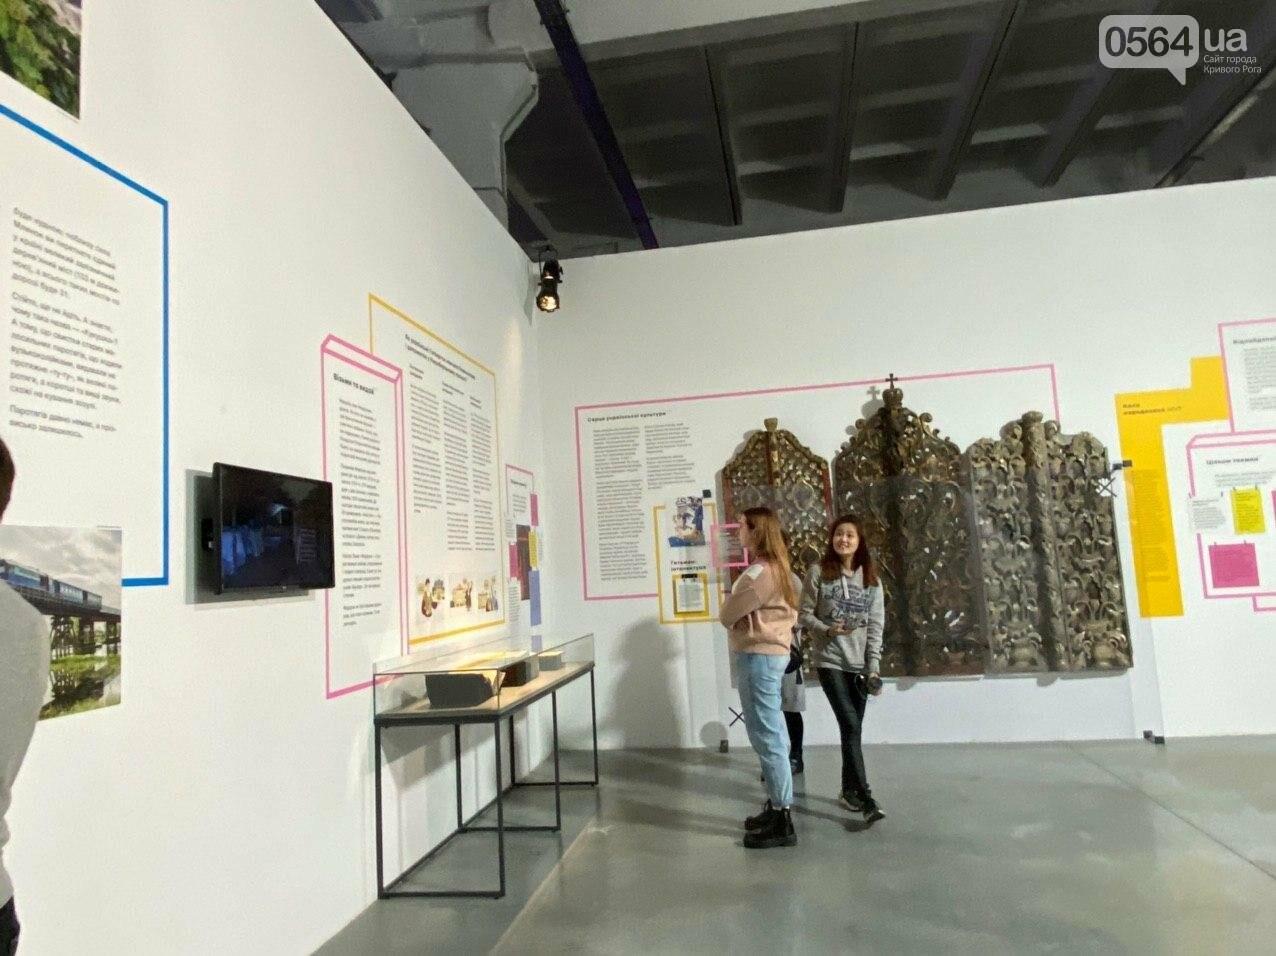 Ukraine WOW: что можно было узнать о Кривом Роге на интерактивной выставке, - ФОТО , фото-23